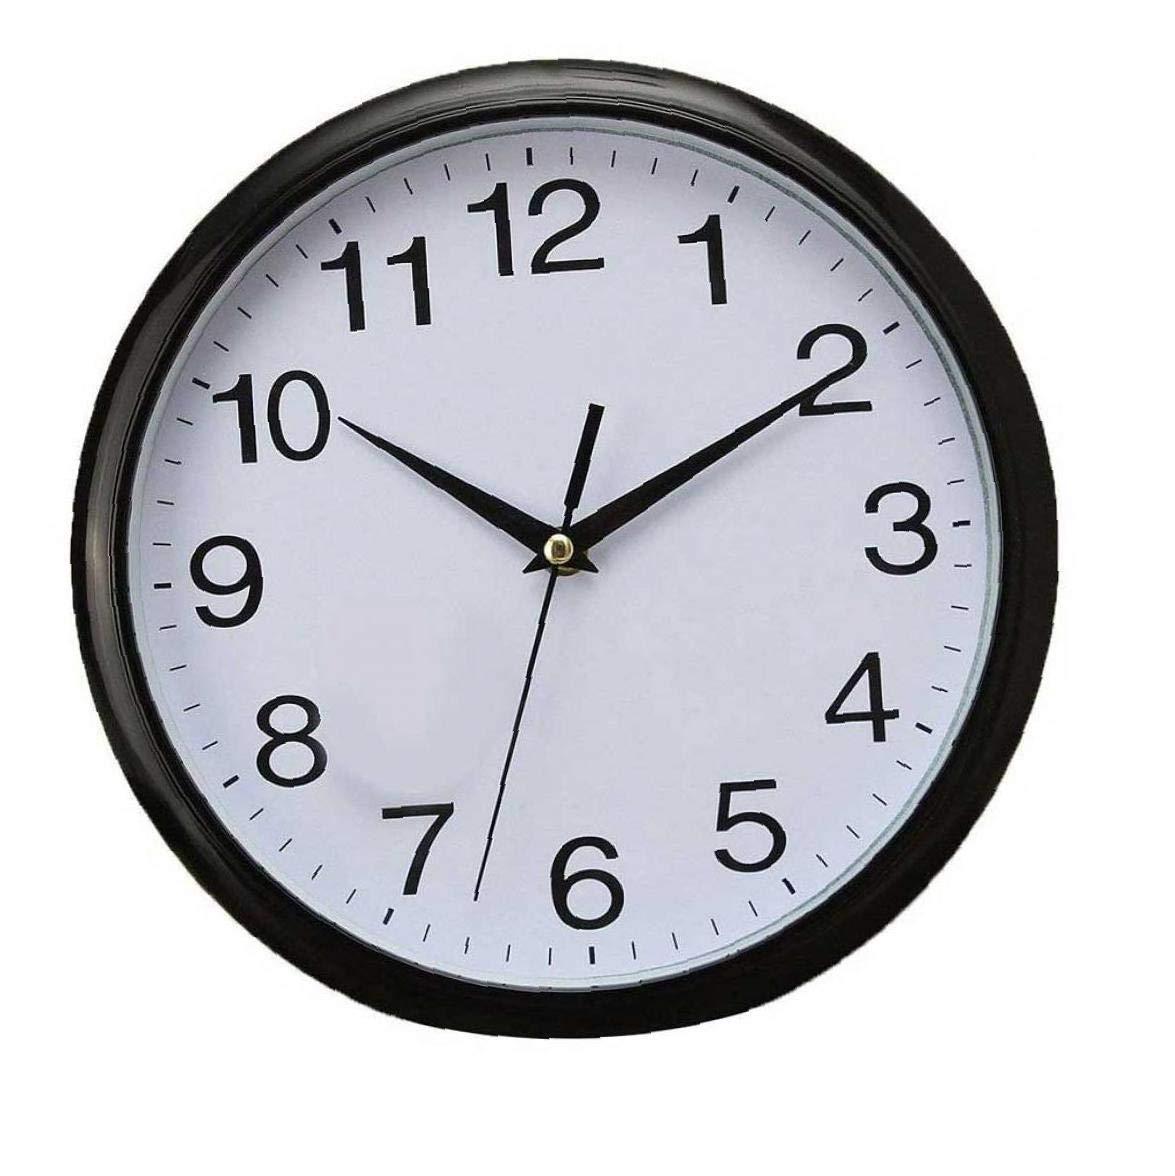 Silver Plastique Verre Unity Radcliffe Horloge Murale silencieuse Blanc 20 cm l x 20 cm w